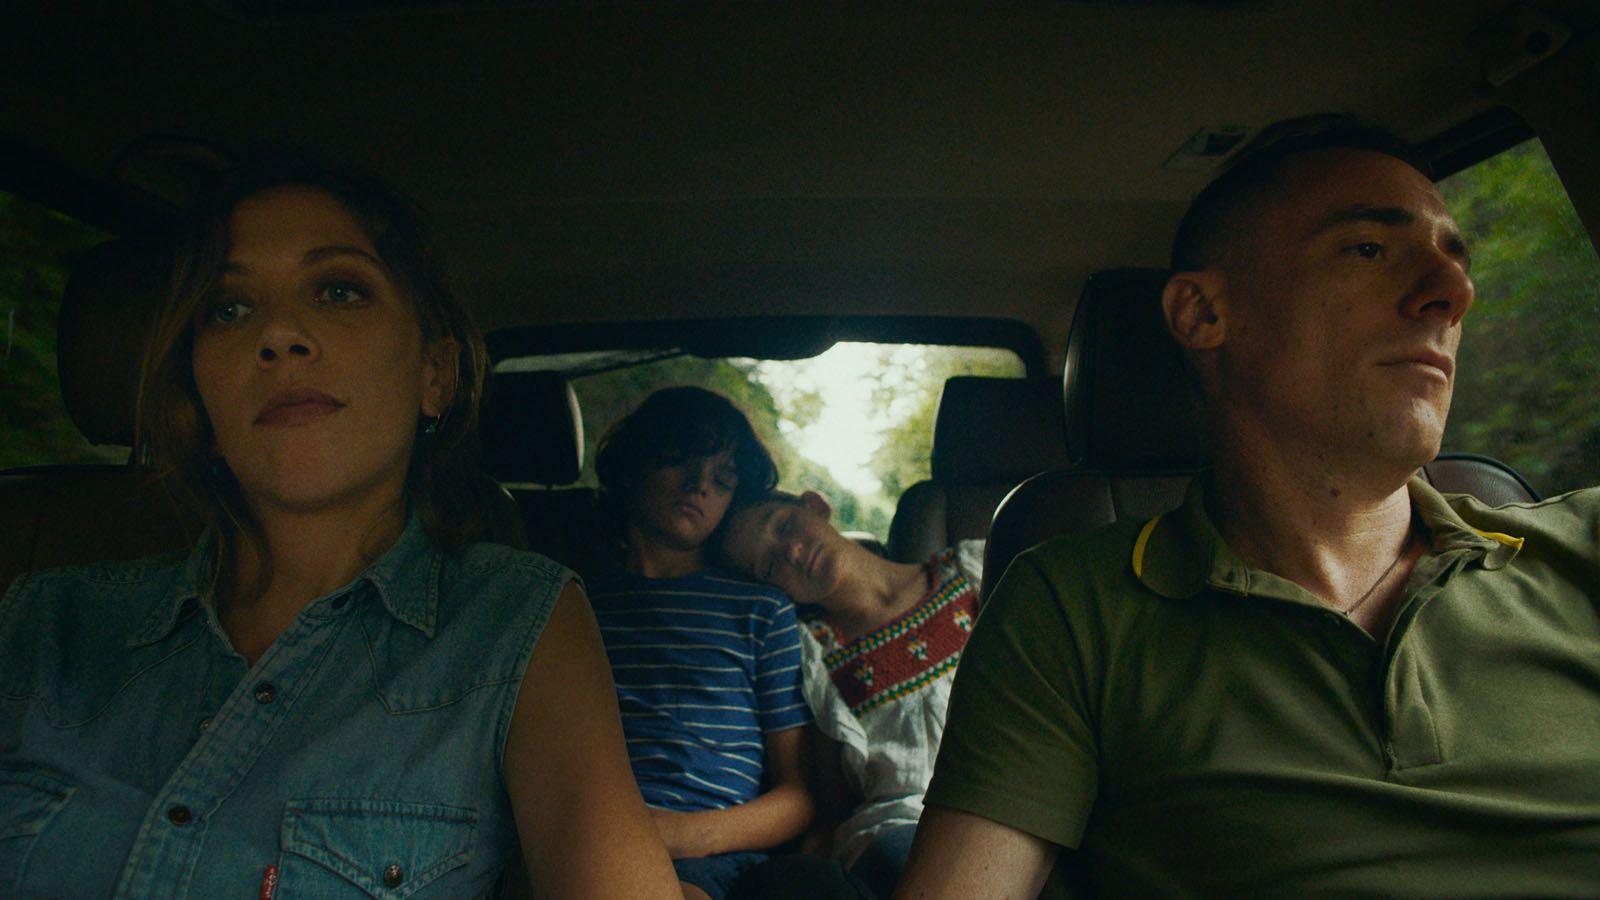 Storia di vacanze (BANDE-ANNONCE) de Fabio D'Innocenzo et Damiano D'Innocenzo - Le 13 octobre 2021 au cinéma